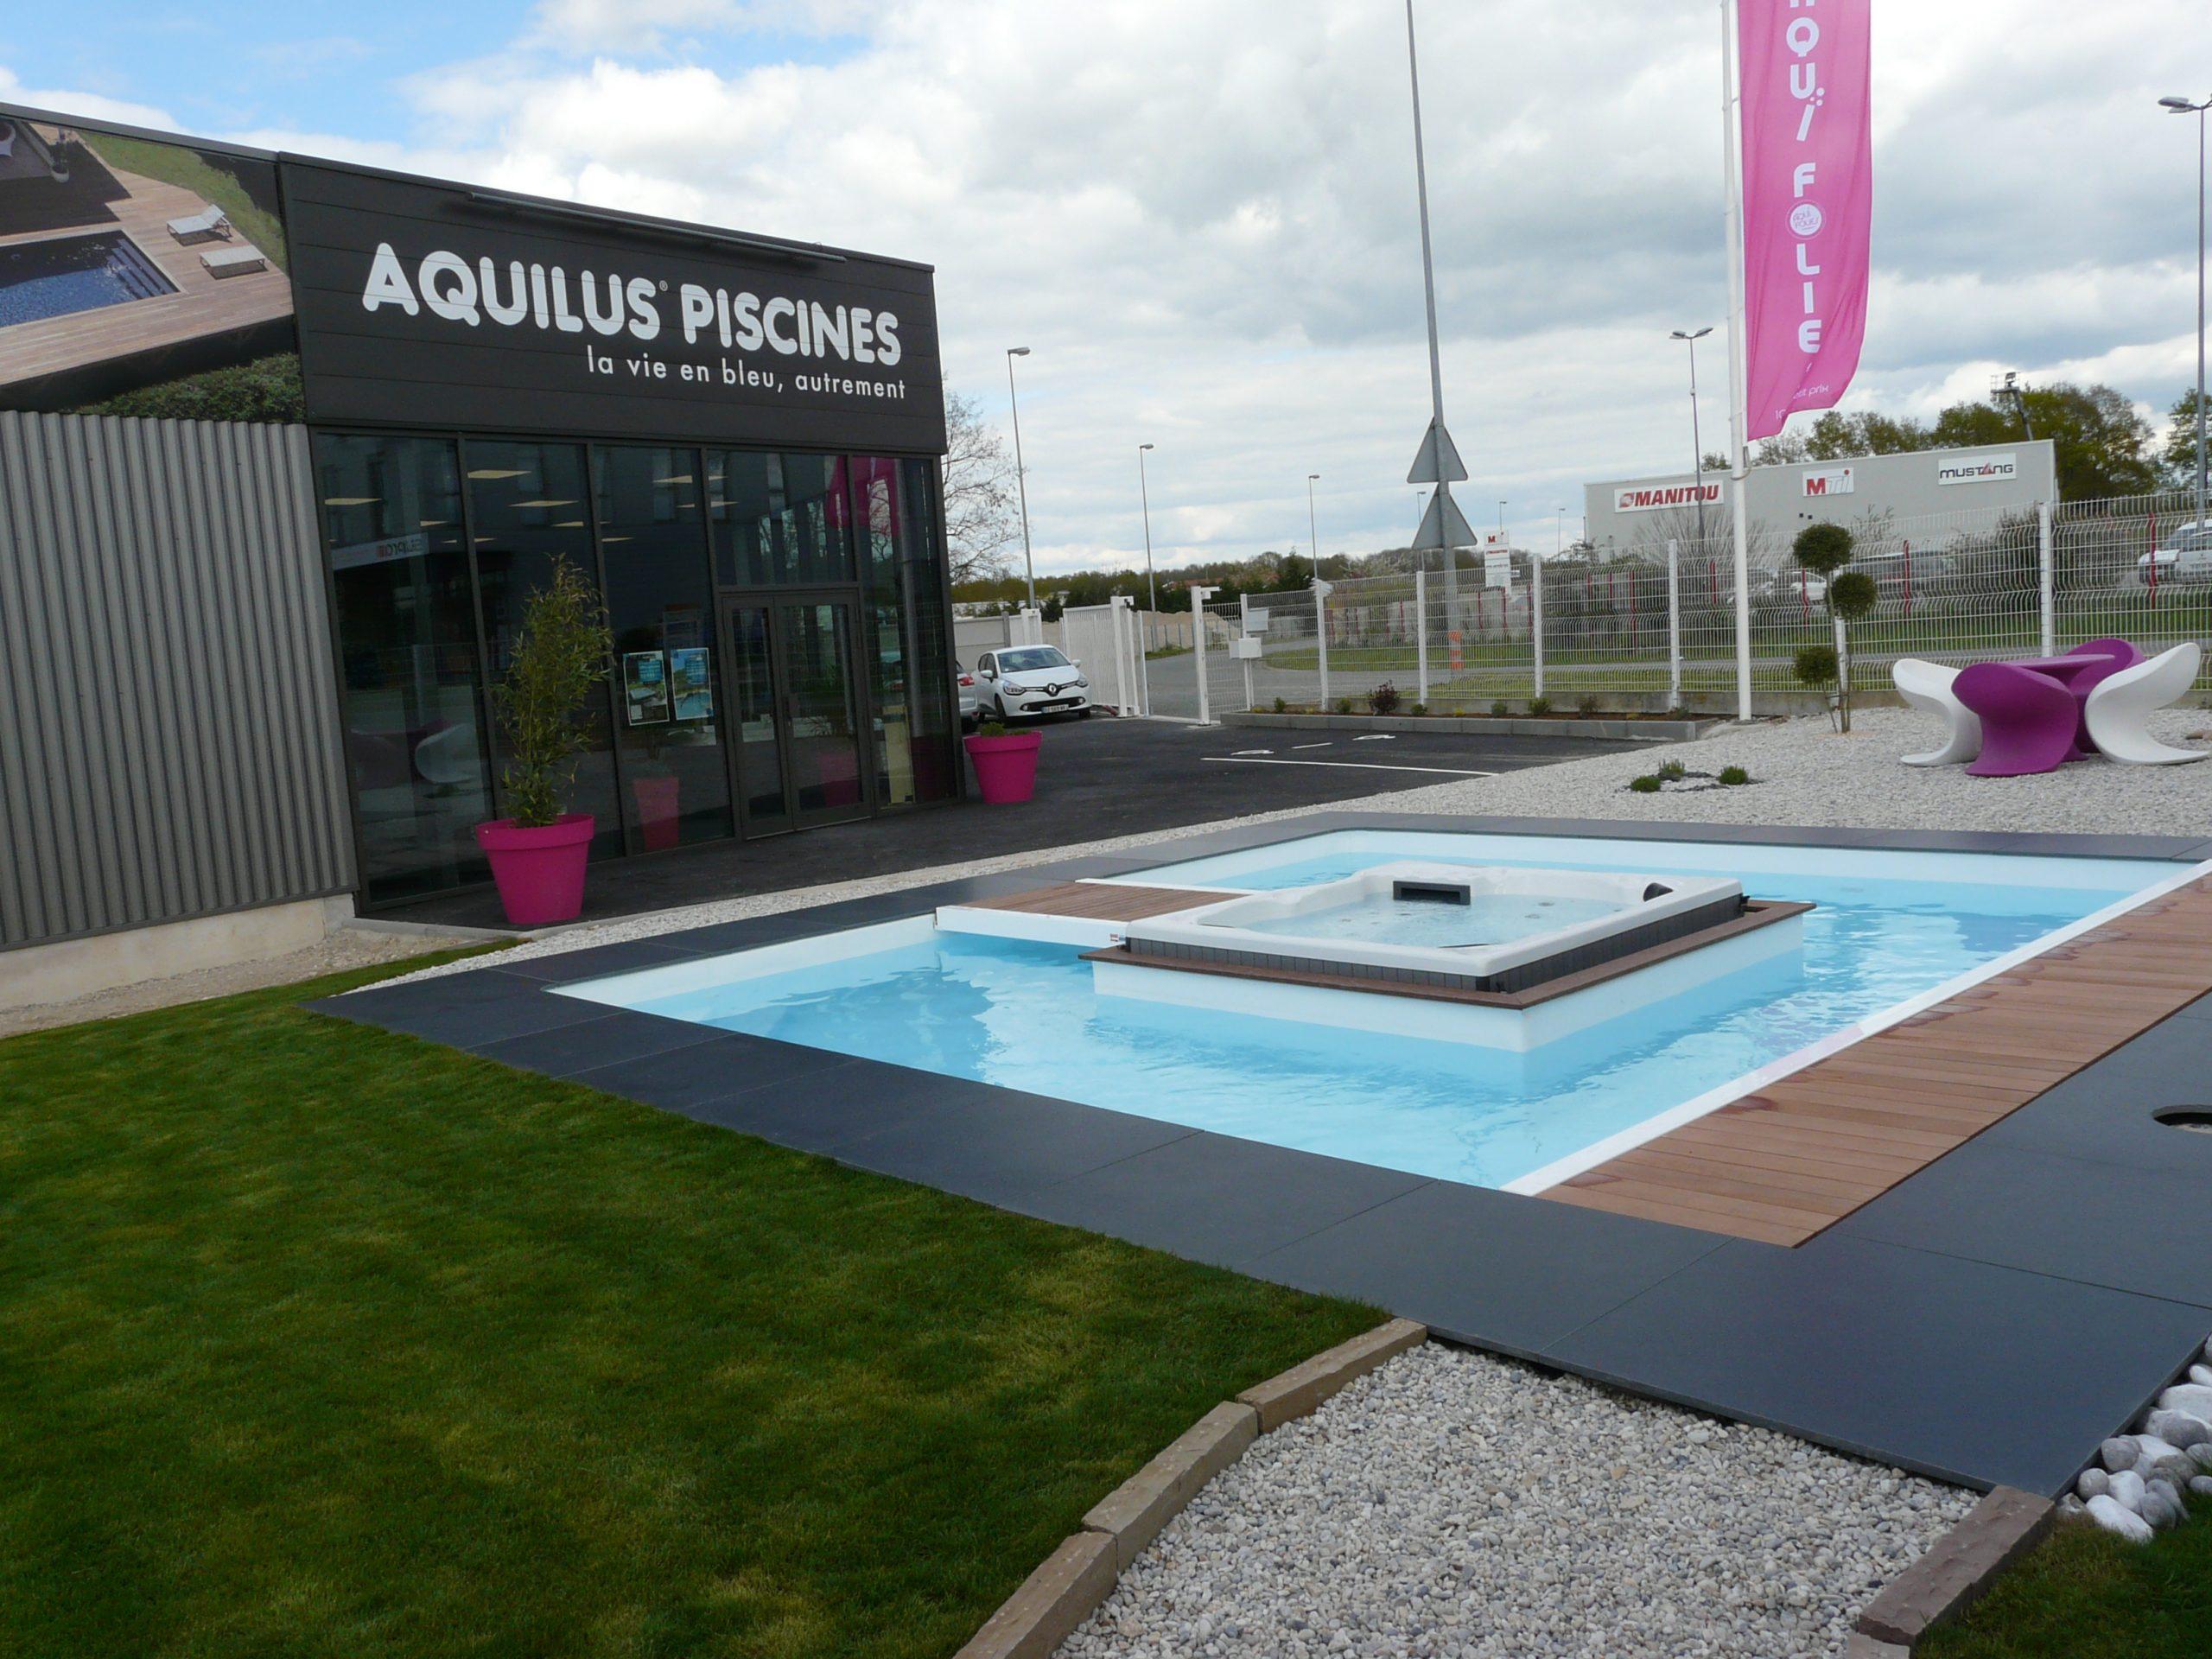 Construction De Piscine | Aquilus Piscines concernant Piscine Aquilus